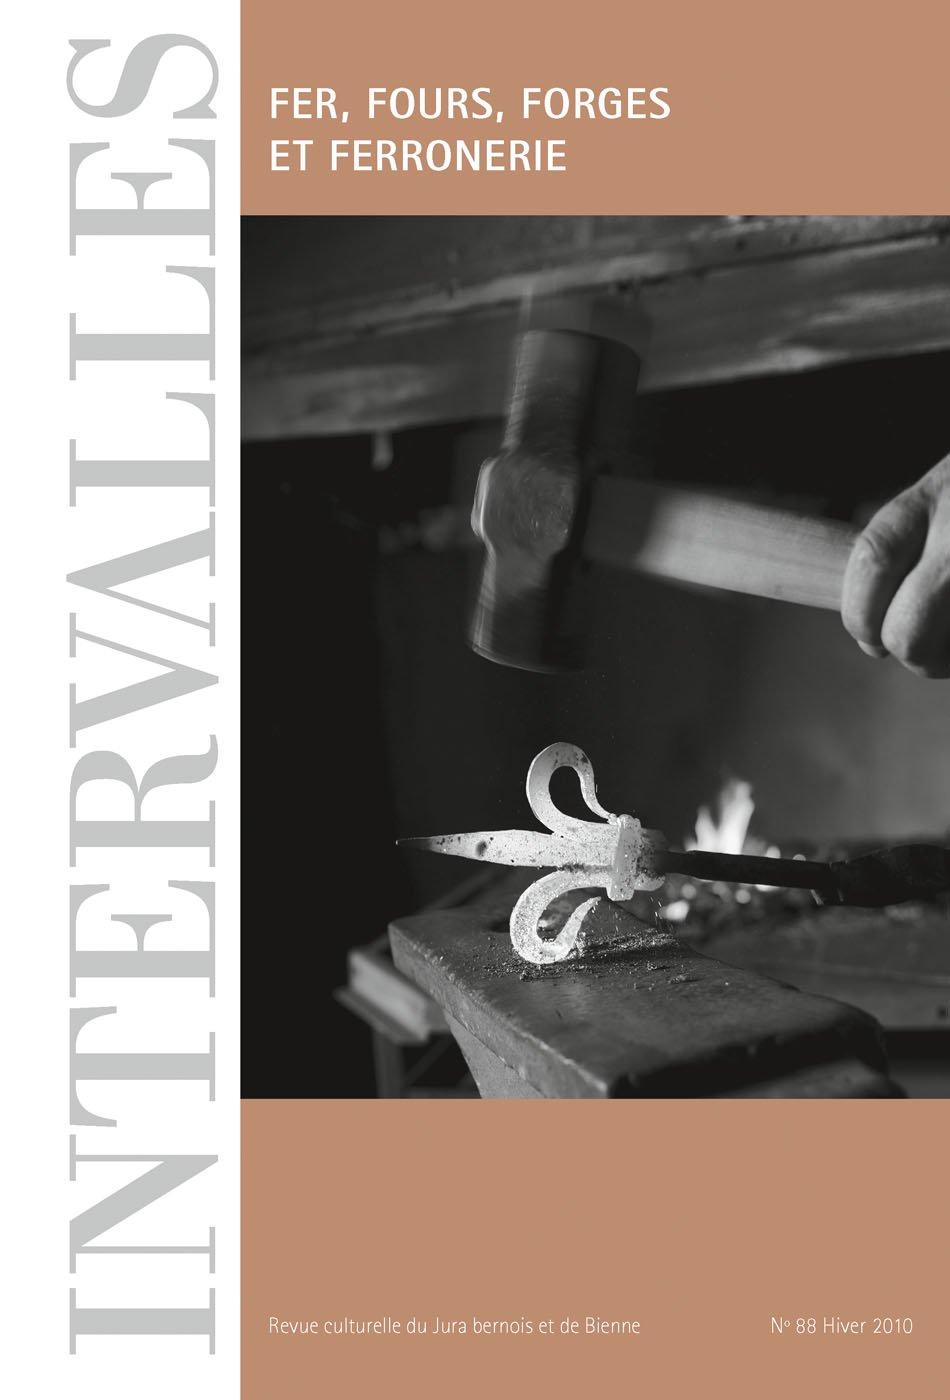 No 88 – Fer, fours, forges et ferronnerie